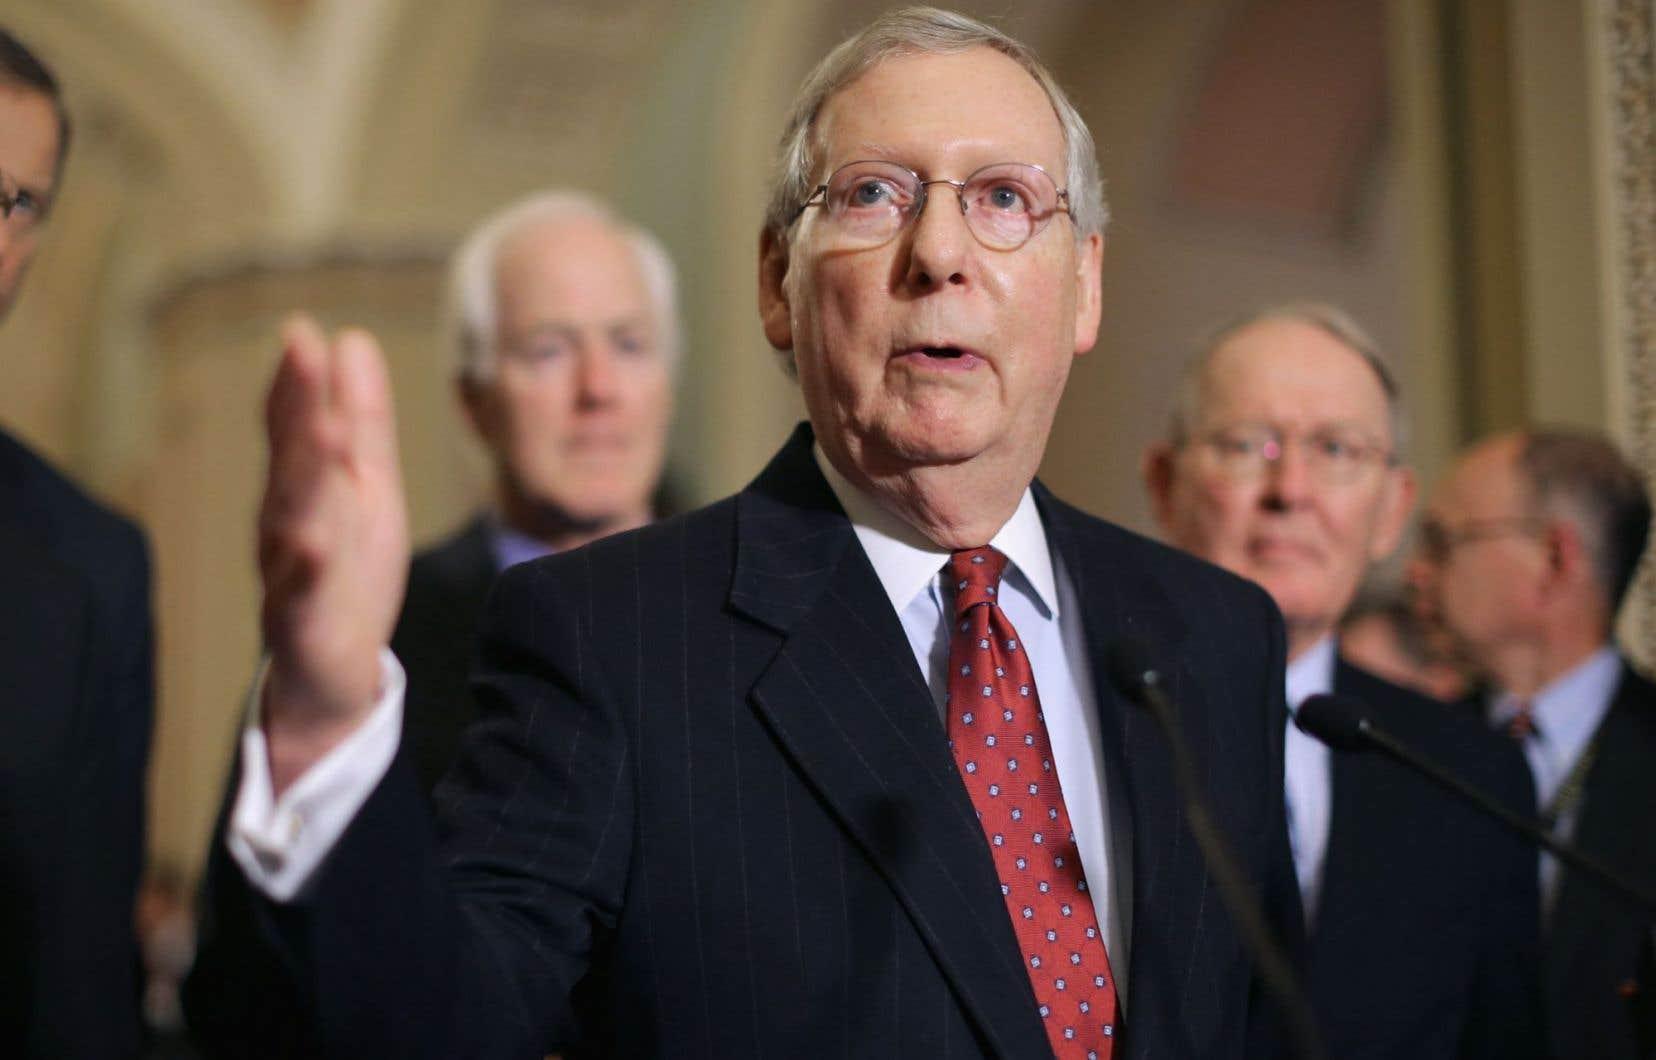 Mitch McConnell, l'homme fort de la Chambre haute du Congrès